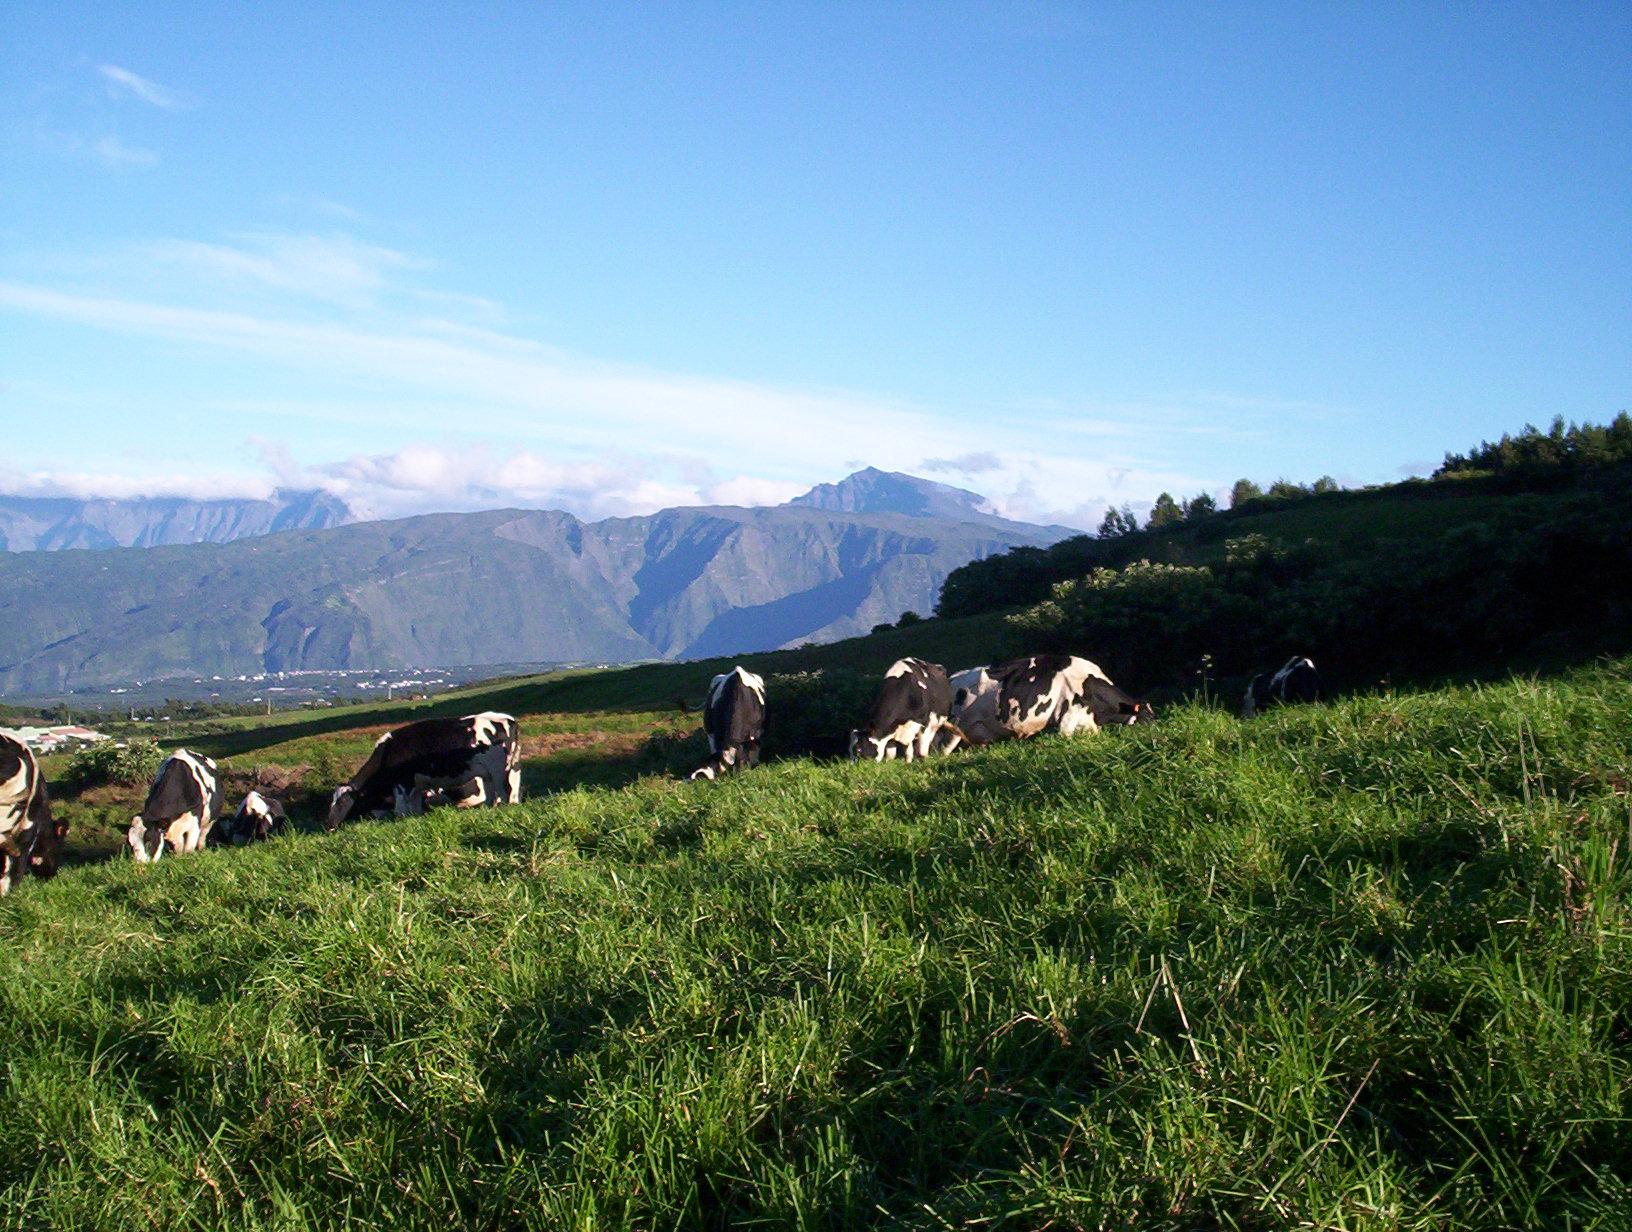 Vaches dans la prairie à la montagne